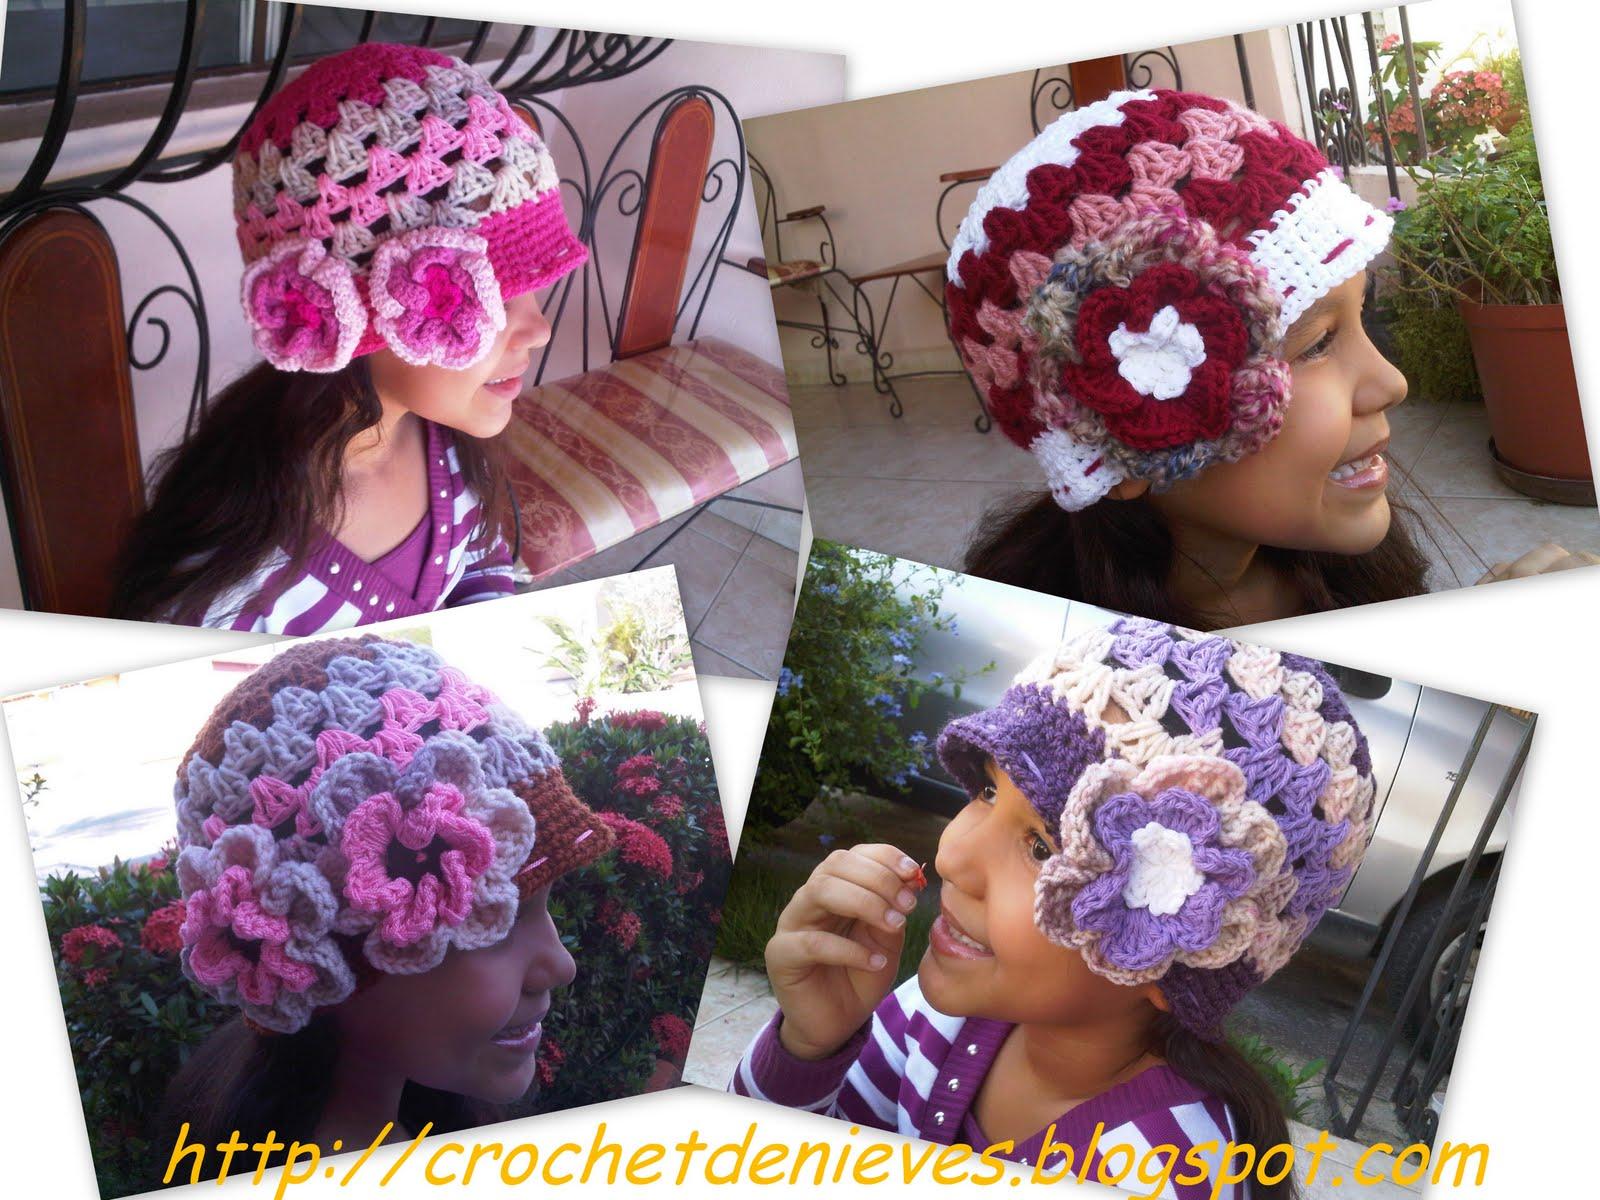 gorros viajaron a Valencia el pasado Jueves 06/01/2011, fueron un encargo de una amante del tejido que conocí a través del Facebook, son para su niña de